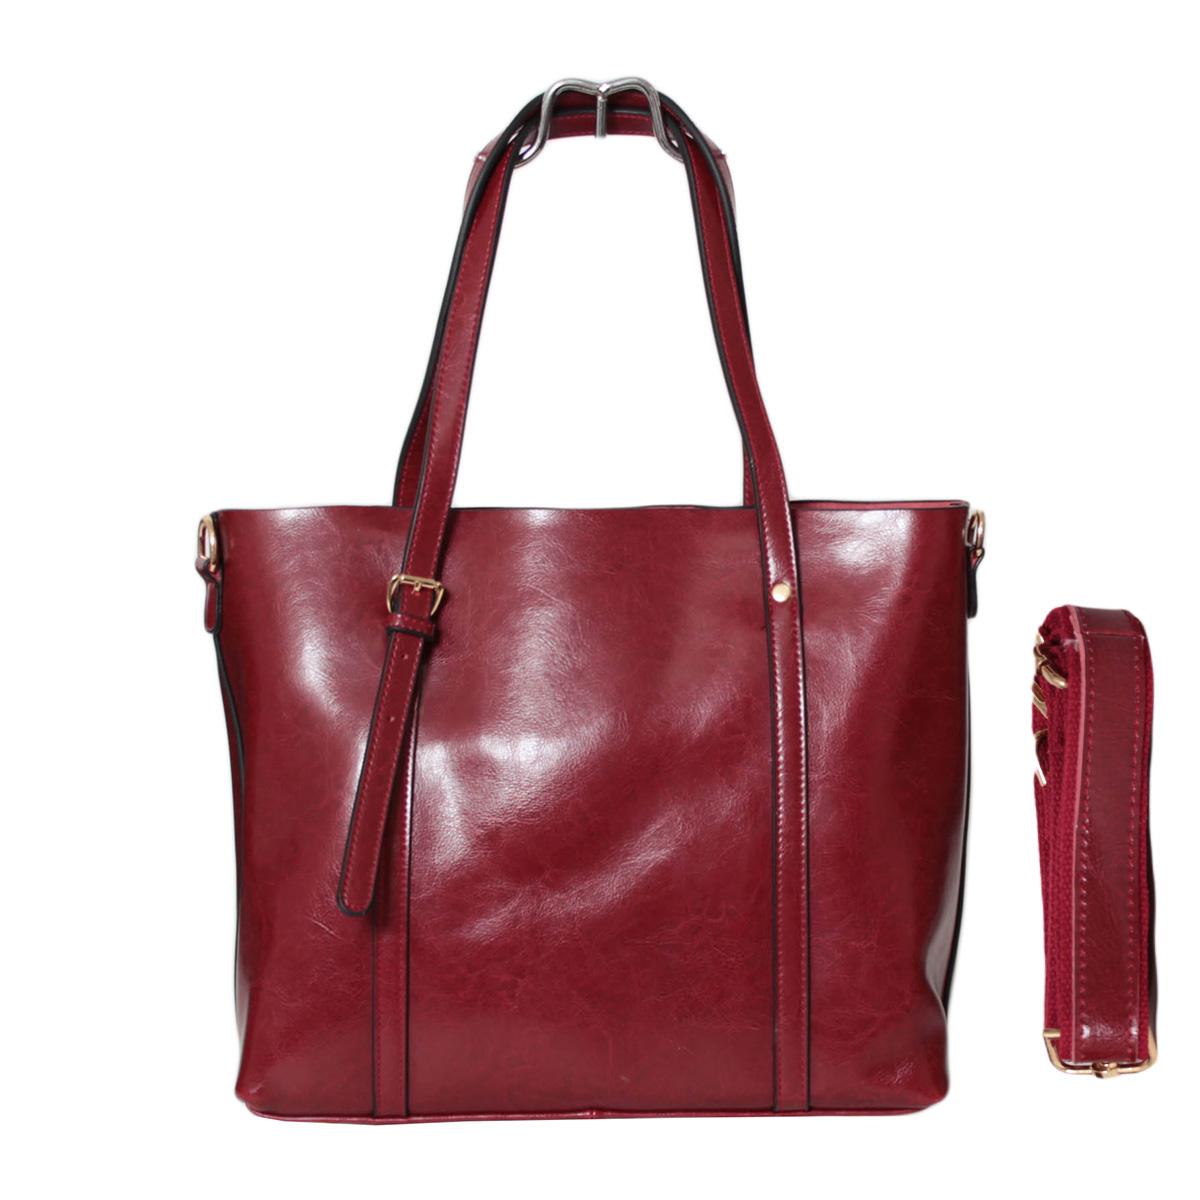 Сумка женская Flioraj, цвет: бордовый. 0005246600052466Закрывается на молнию. Есть боковой открытый карман, внутри два отделения, два открытых кармана и карман на молнии. Высота ручки 20 см.